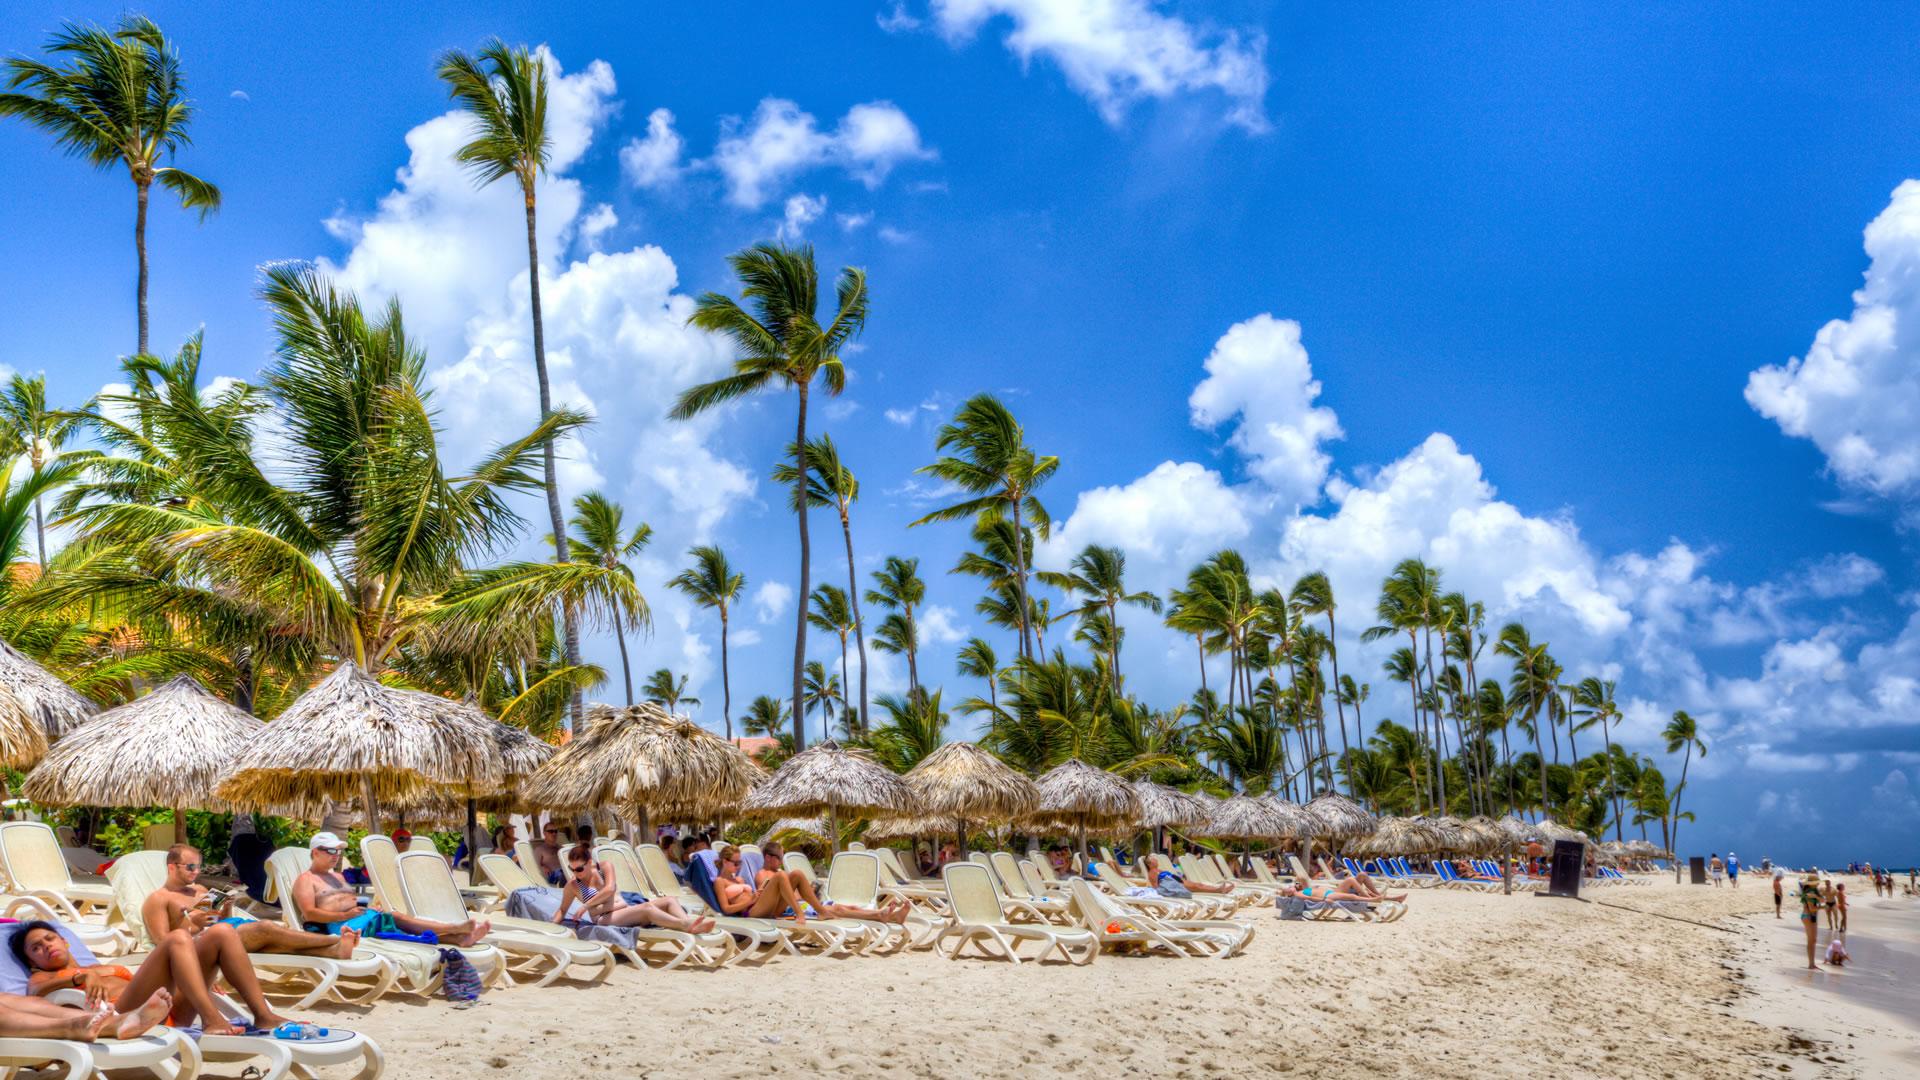 Достоинства курорта в Пунта-Кана